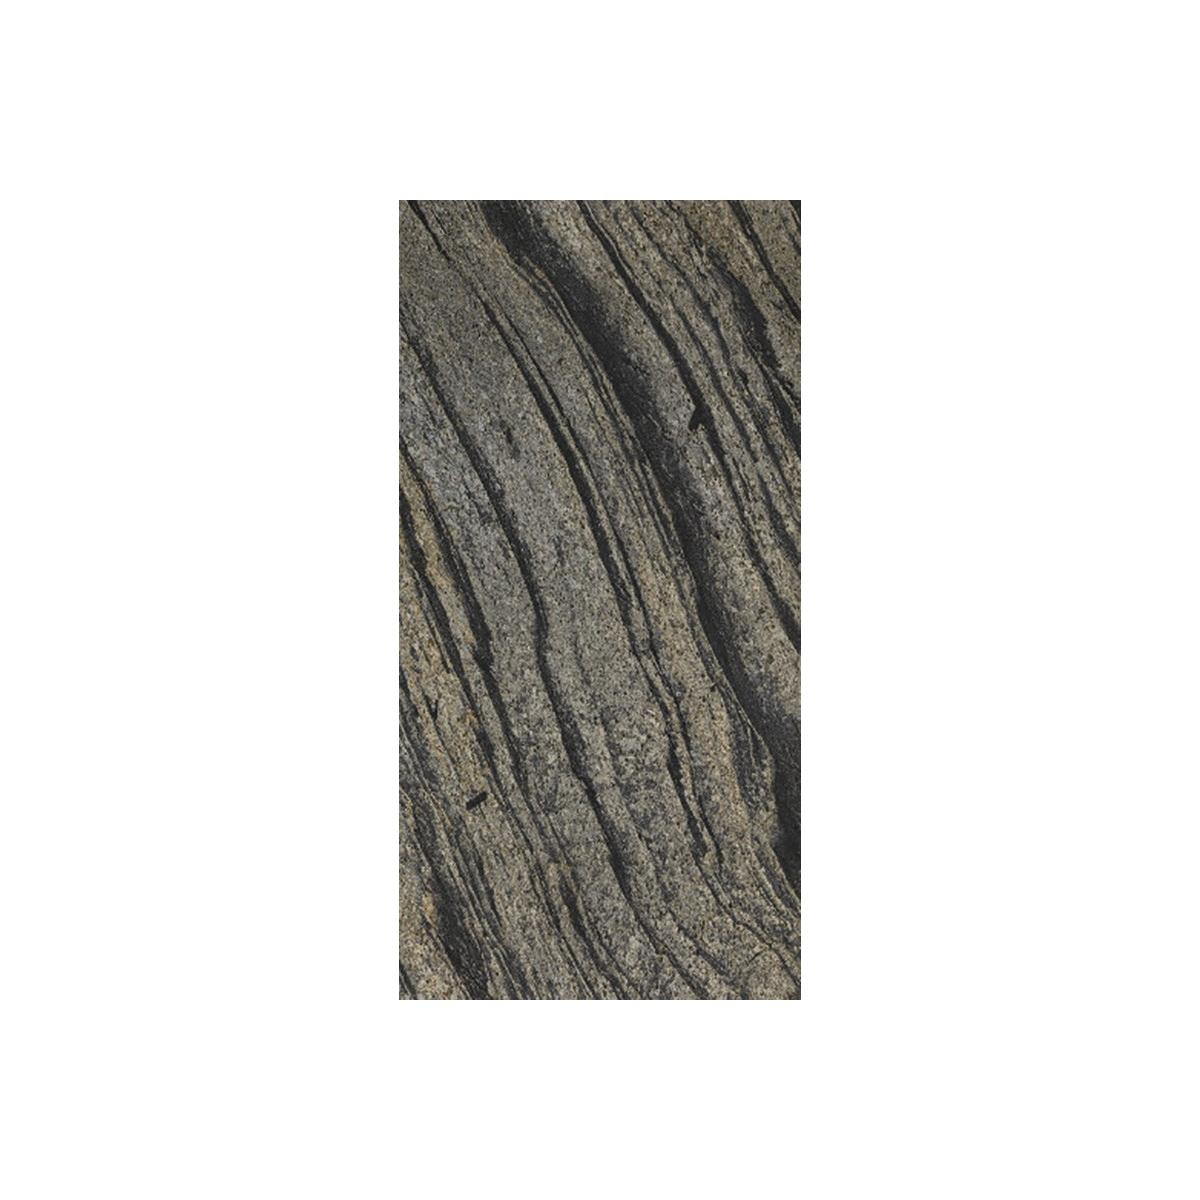 Pizarra natural flexible FS6006 / FT3006 (ud) 0